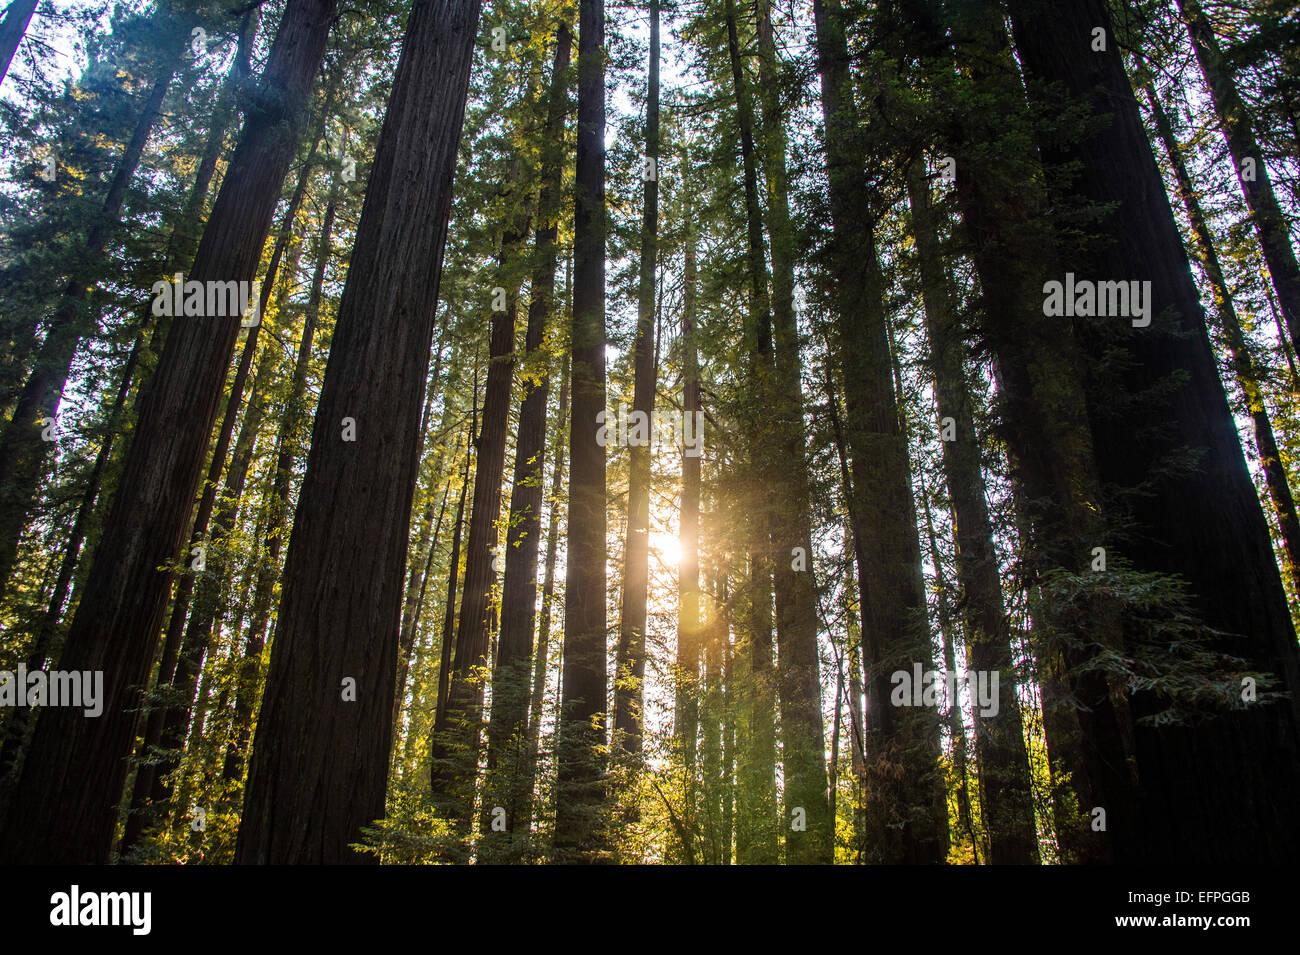 Sun rompiendo las secoyas, la Avenida de los gigantes, en el norte de California, EE.UU. Imagen De Stock